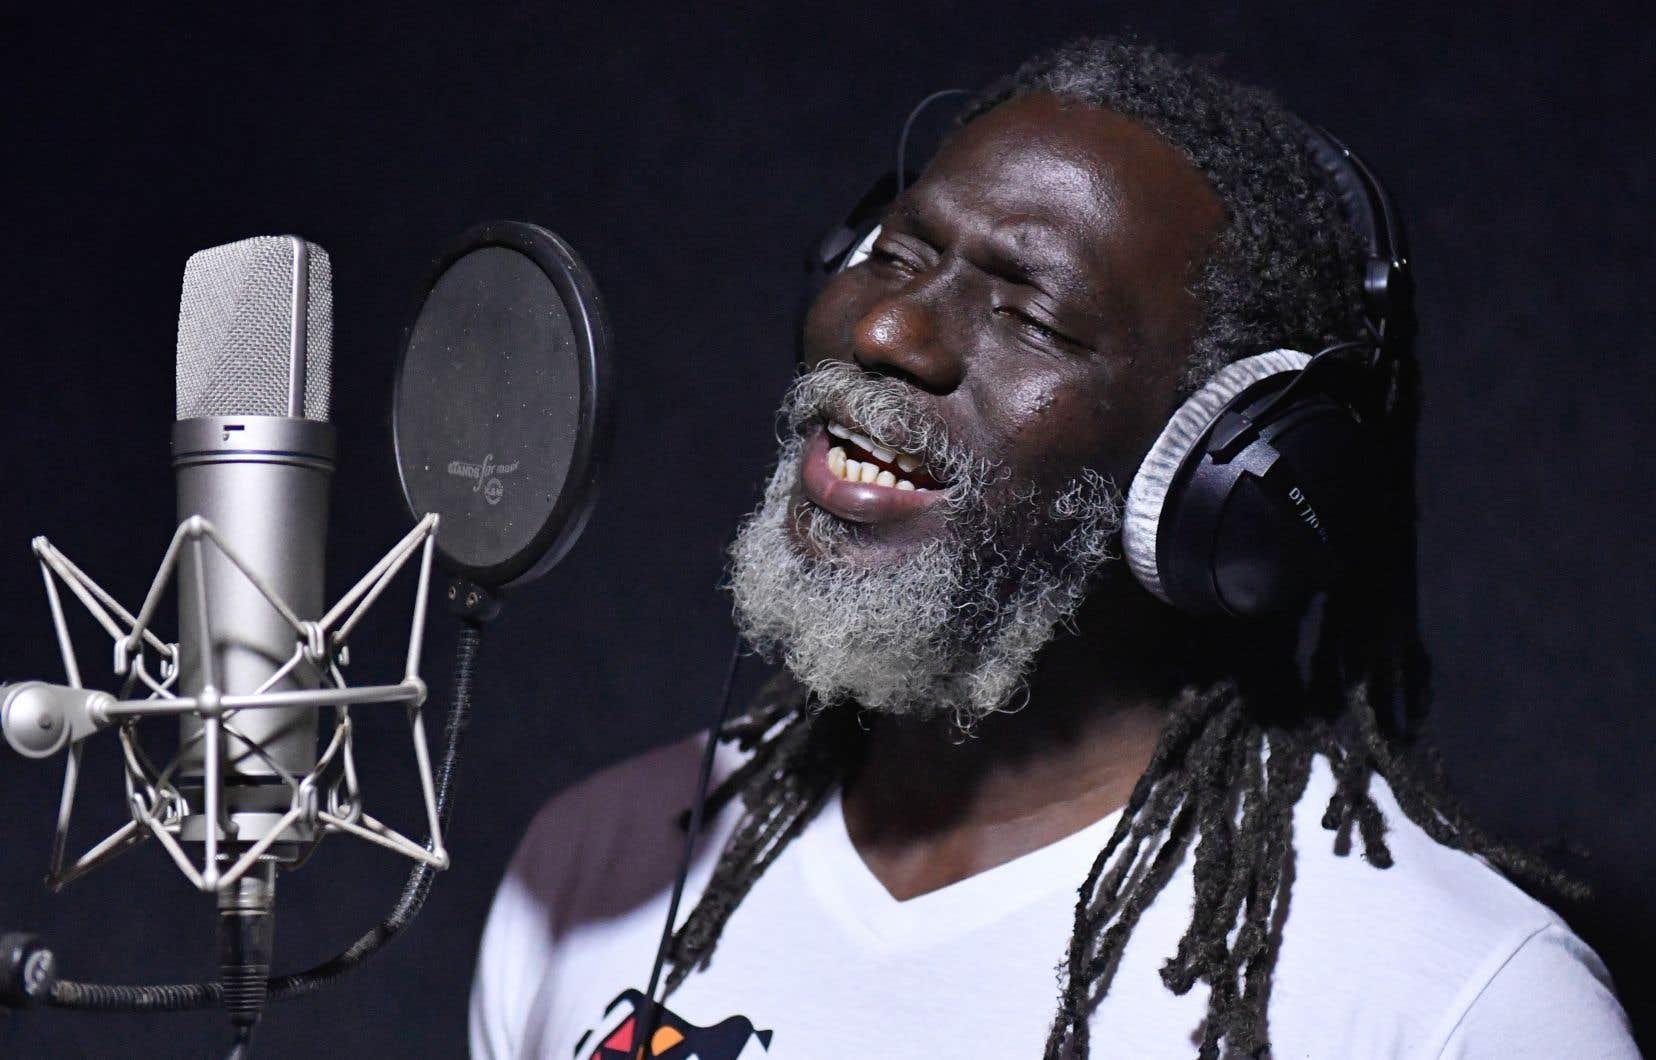 Tiken Jah Fakoly déplore, sur «Le monde est chaud», aux sonorités africaines et reggae, que le monde soit en proie à des dérèglements catastrophiques, face auxquels il ne peut être que simple spectateur.